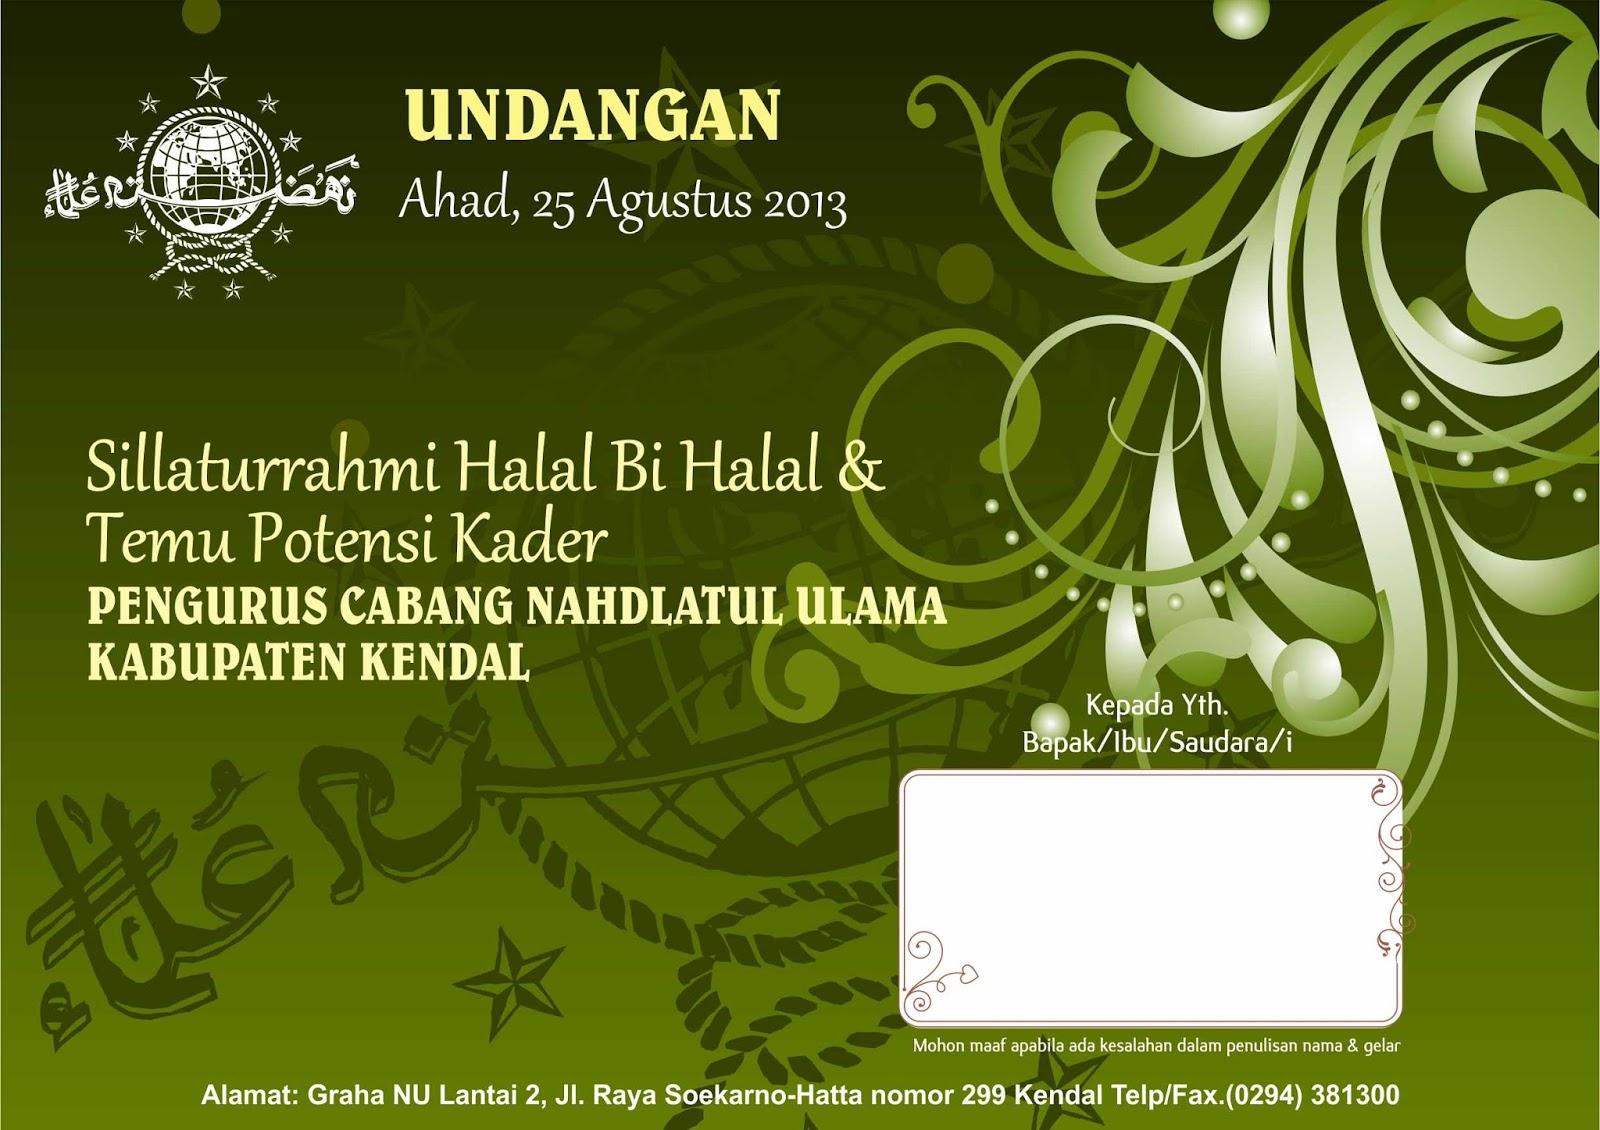 Undangan Halal Bi Halal Dan Temu Potensi Kader Warna Printindo